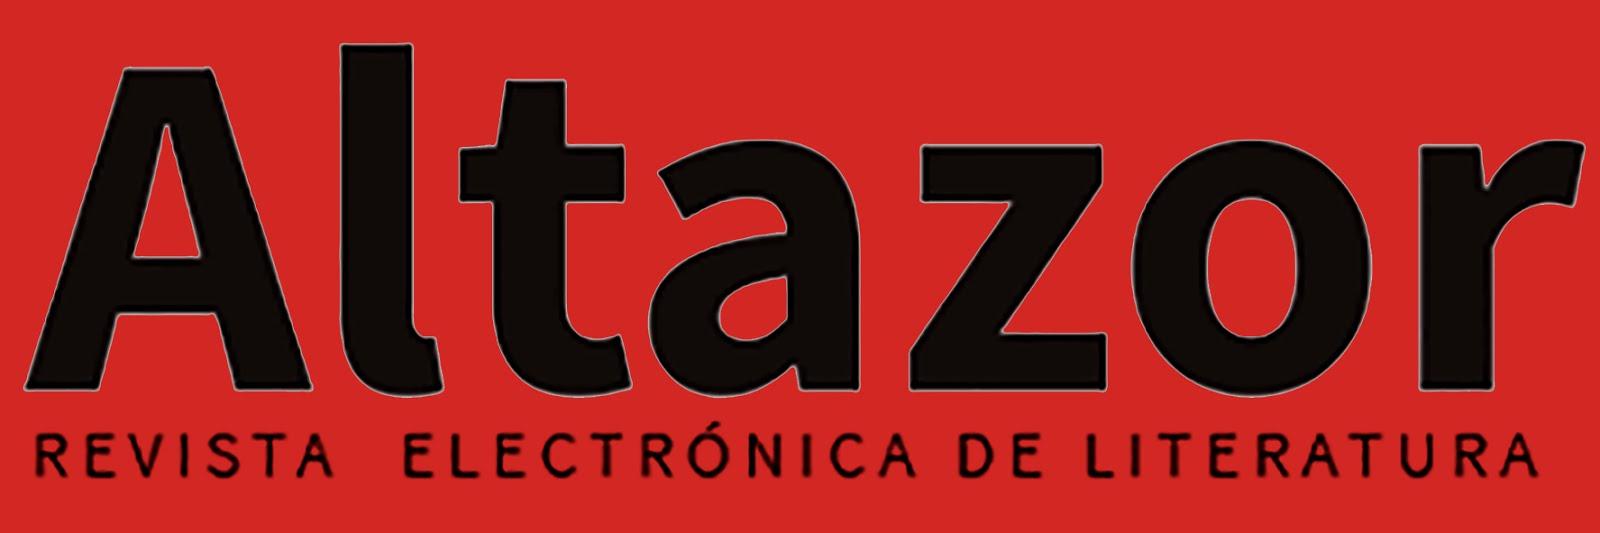 Revista Altazor